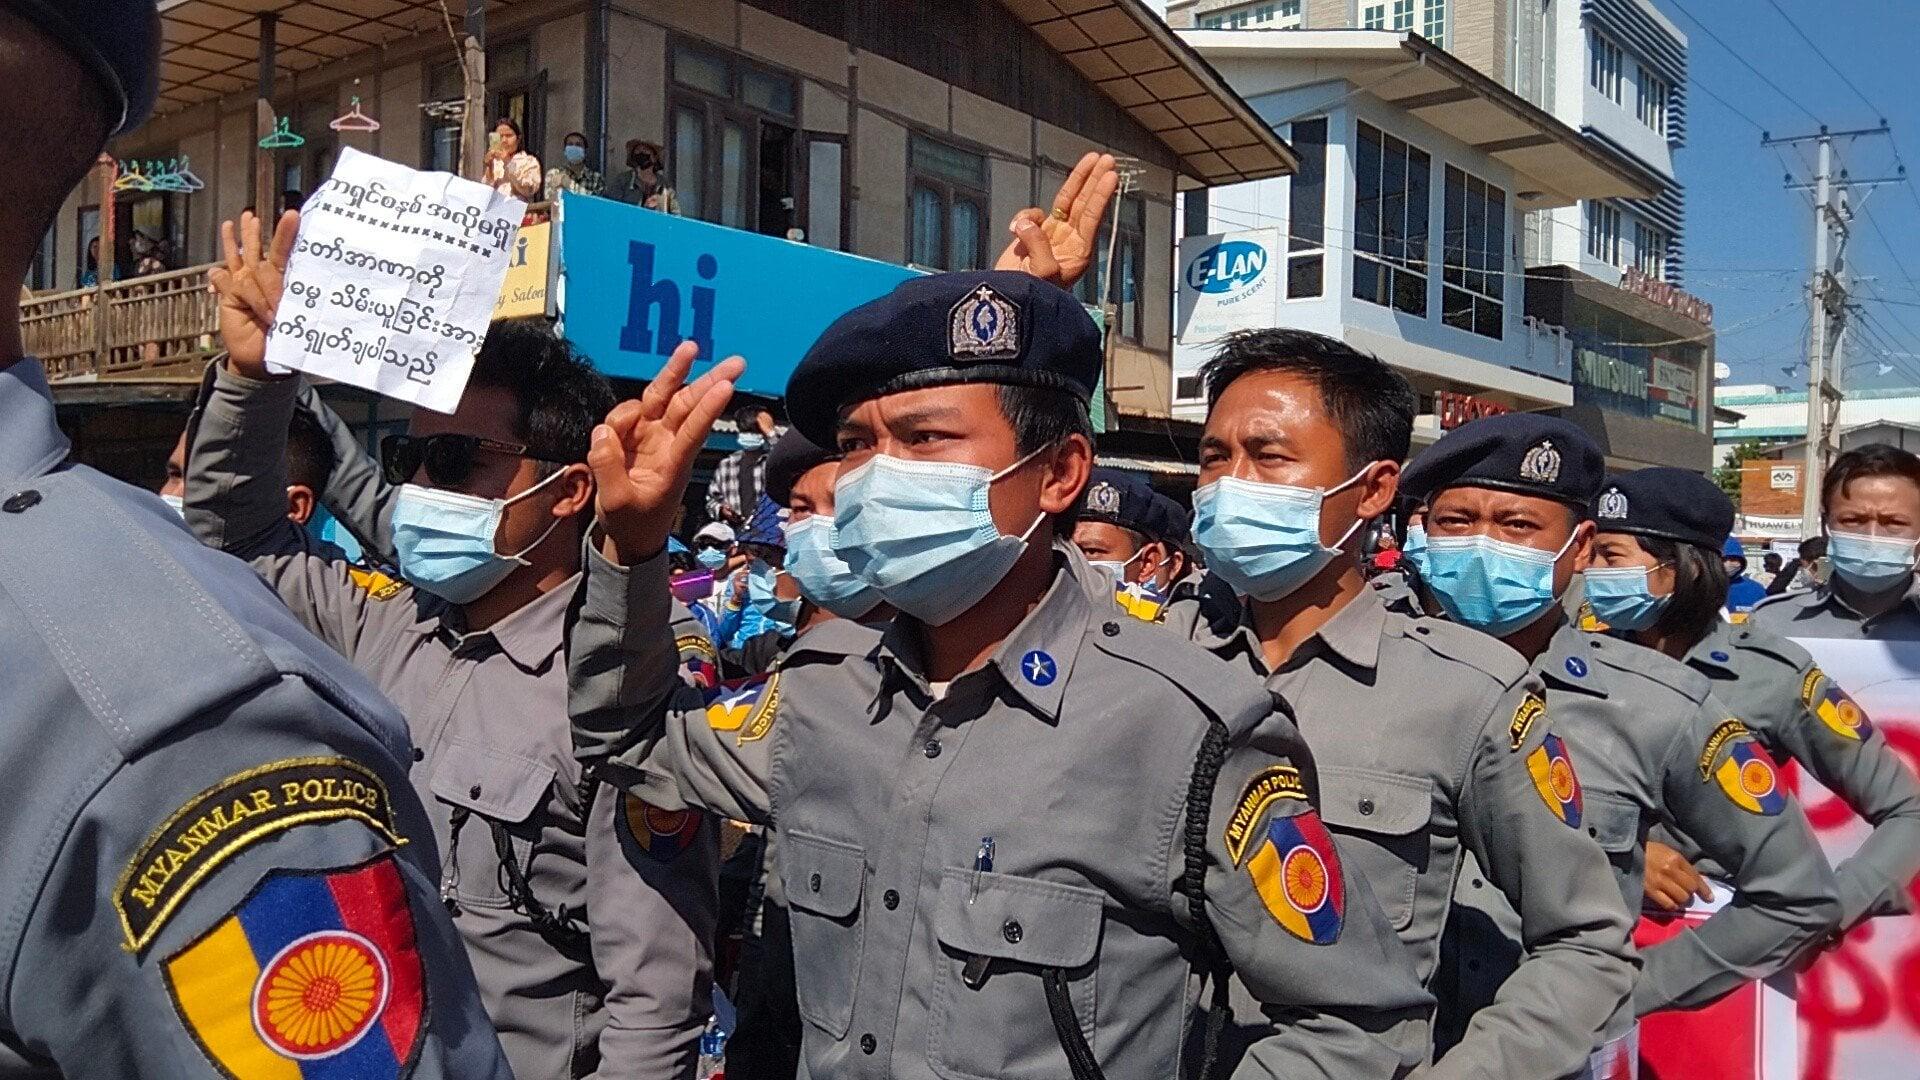 ตำรวจพม่าที่เมืองลอยก่อ รัฐกะเรนนี เดินขบวนต้านรัฐประหาร เมื่อ 10 ก.พ. 64 (ที่มา: แฟ้มภาพ/Kantarawaddy Times)